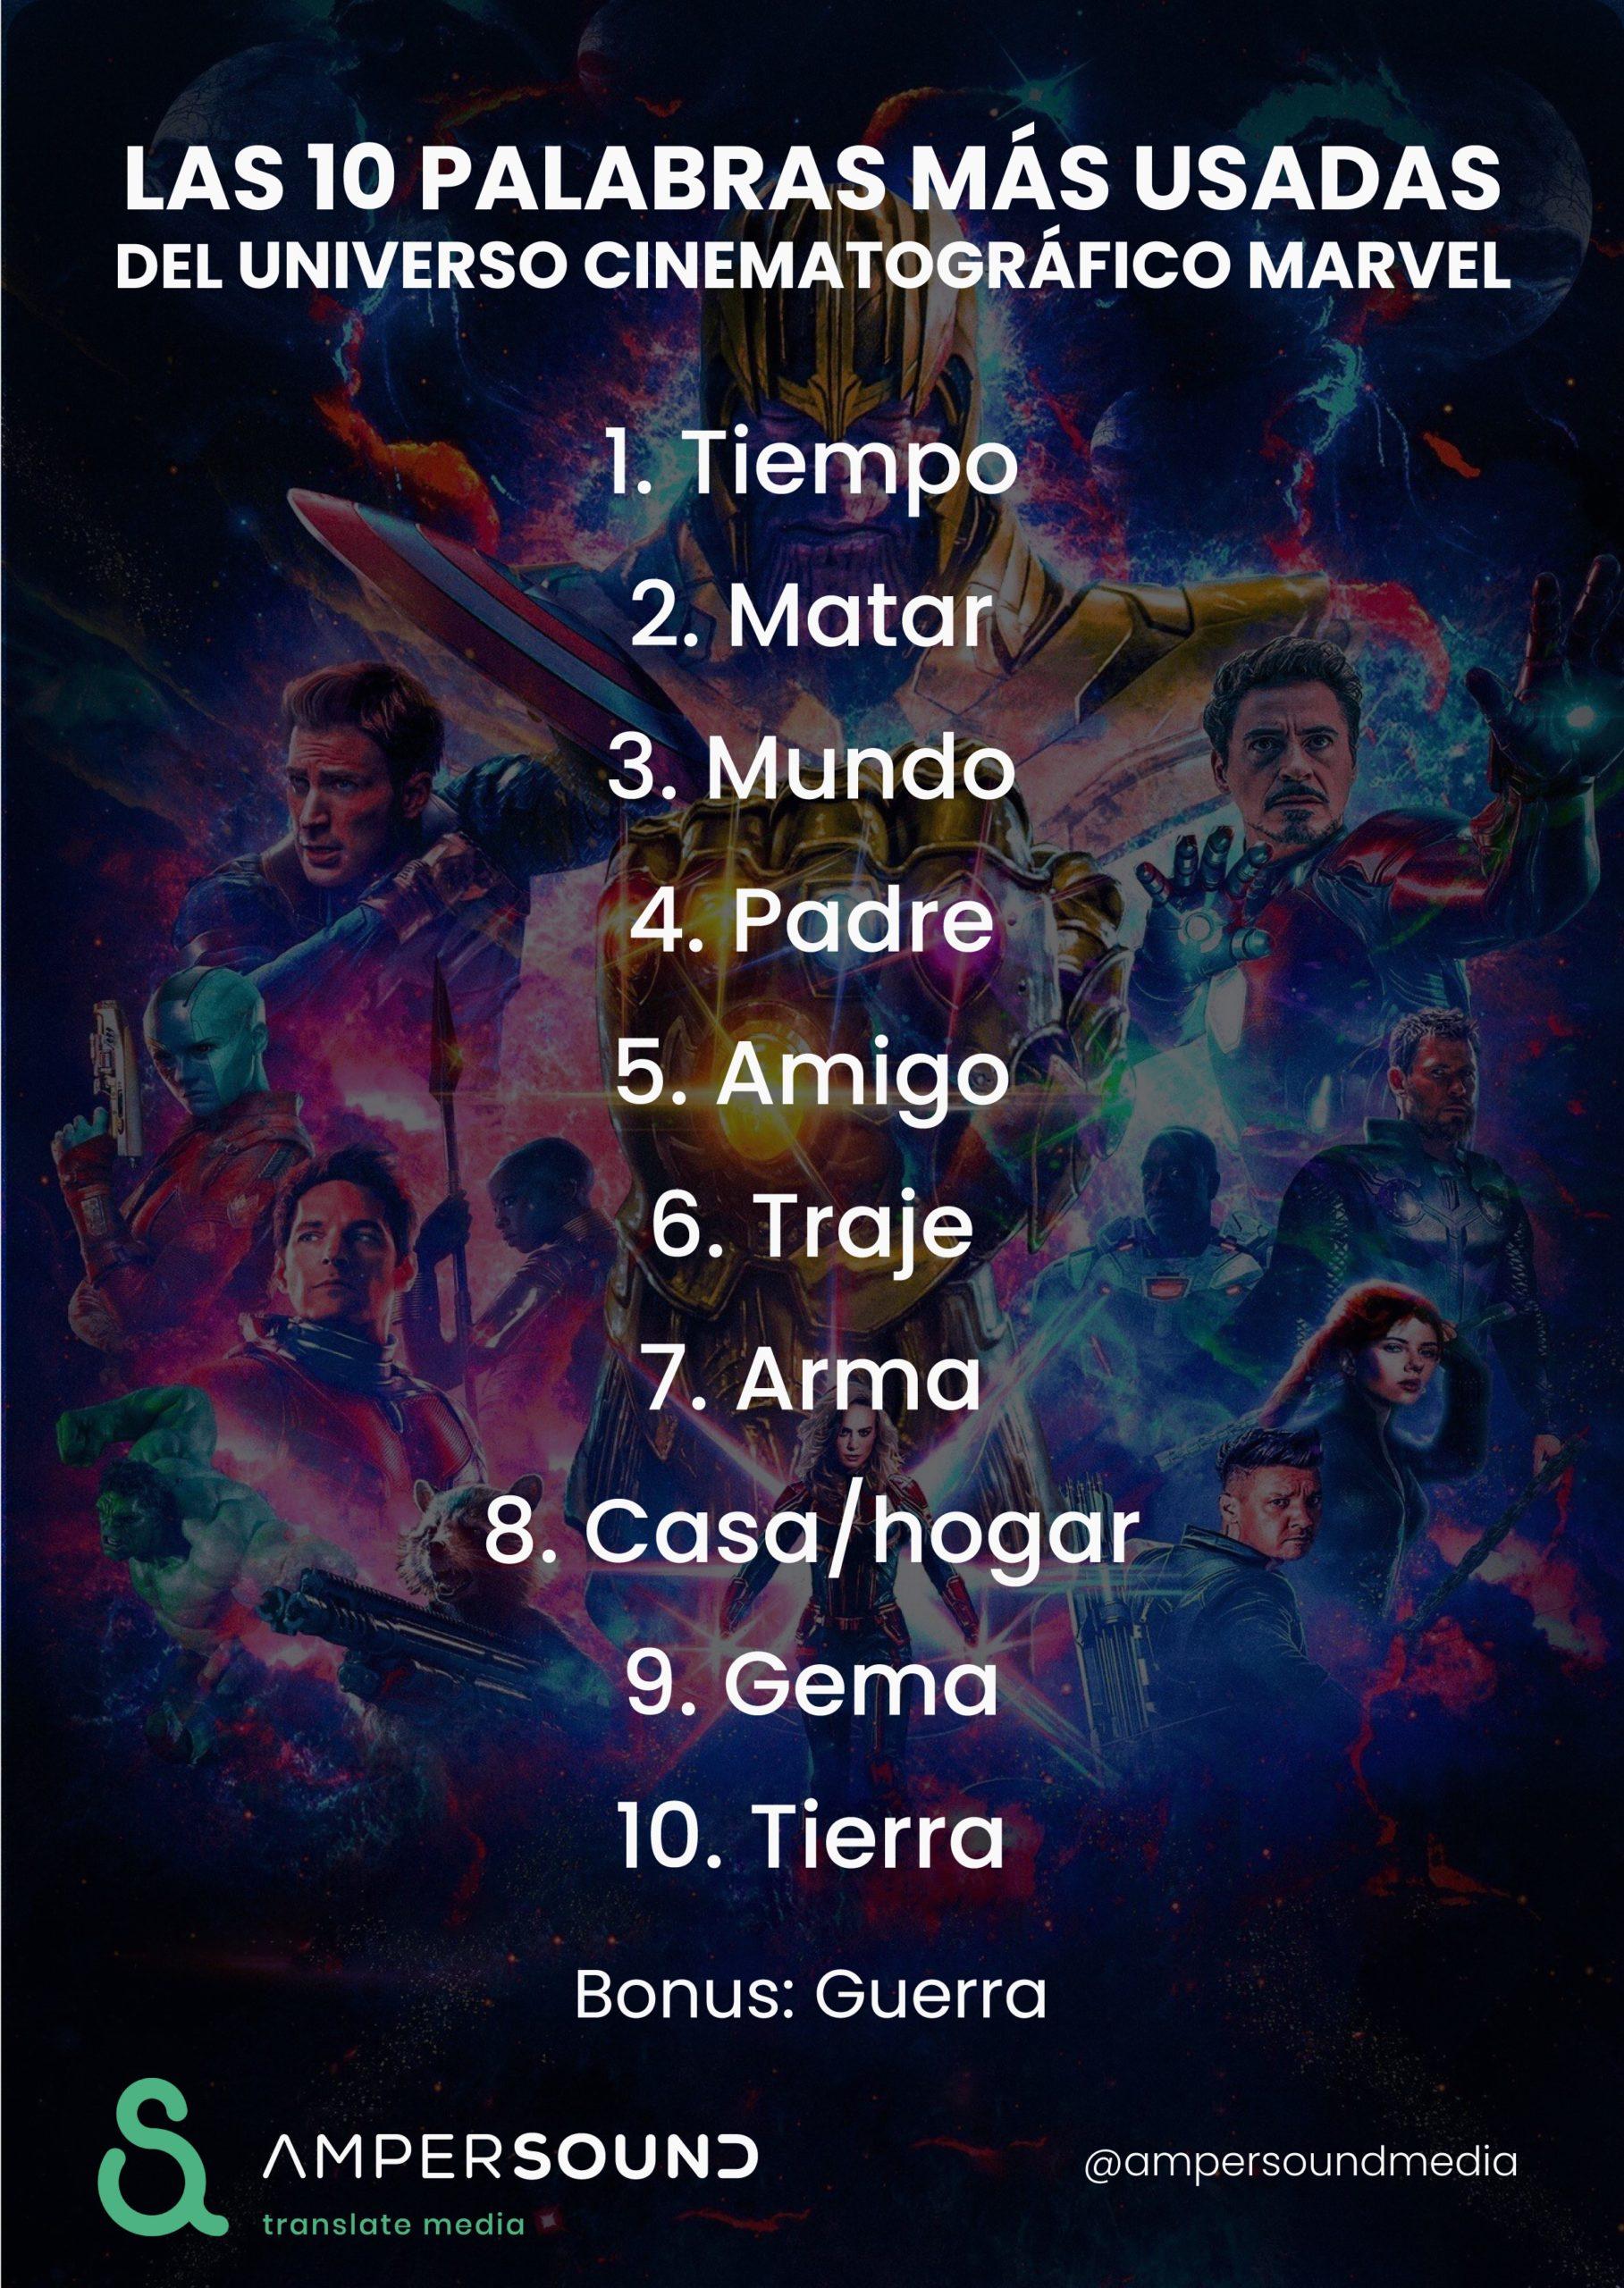 Las 10 palabras más usadas en el Universo Cinematográfico Marvel